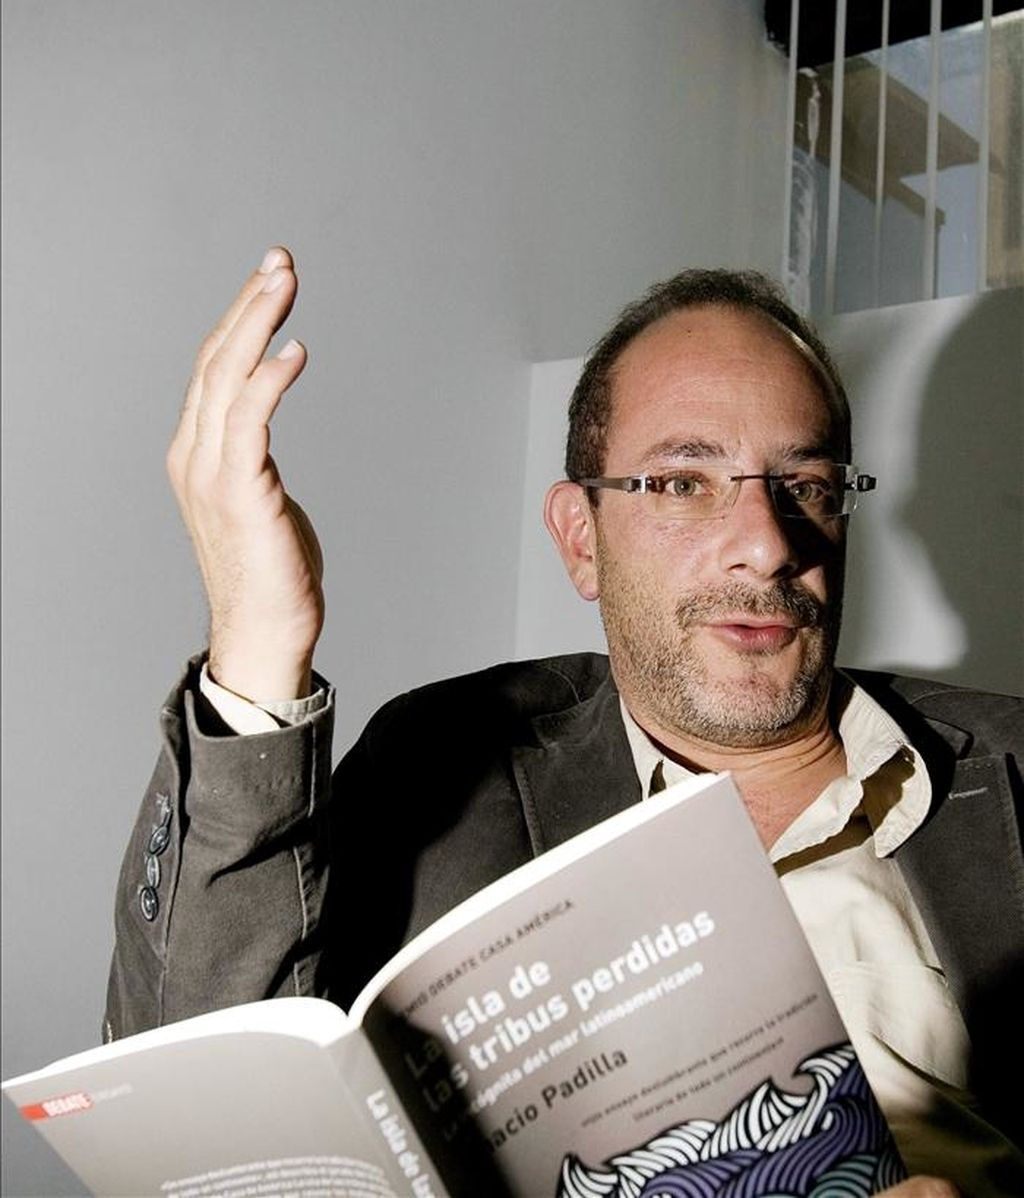 El escritor mexicano Ignacio Padilla. EFE/Archivo